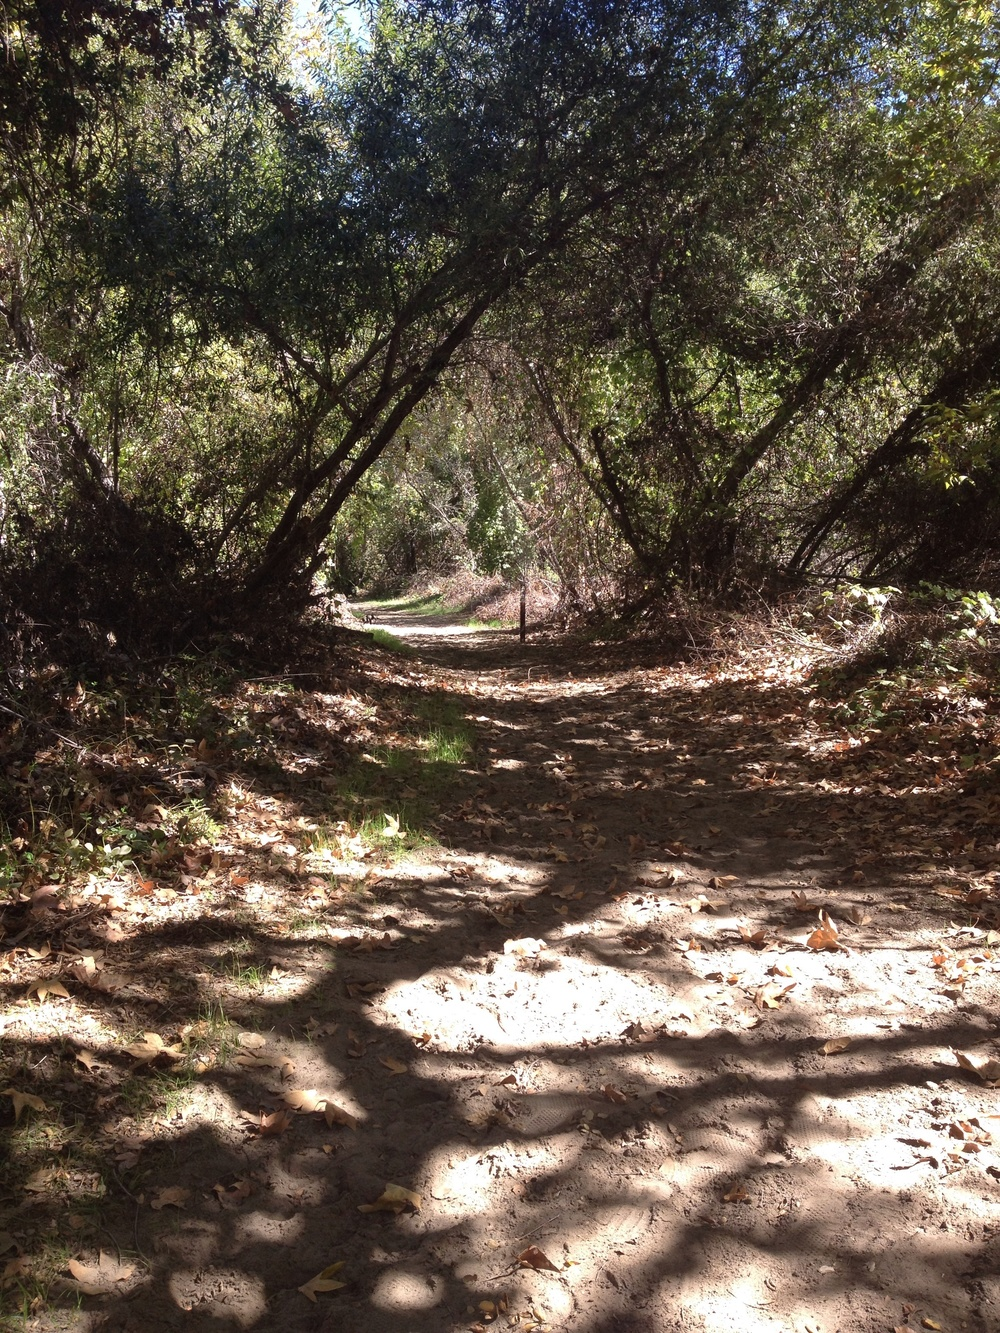 Santa Margarita County Preserve